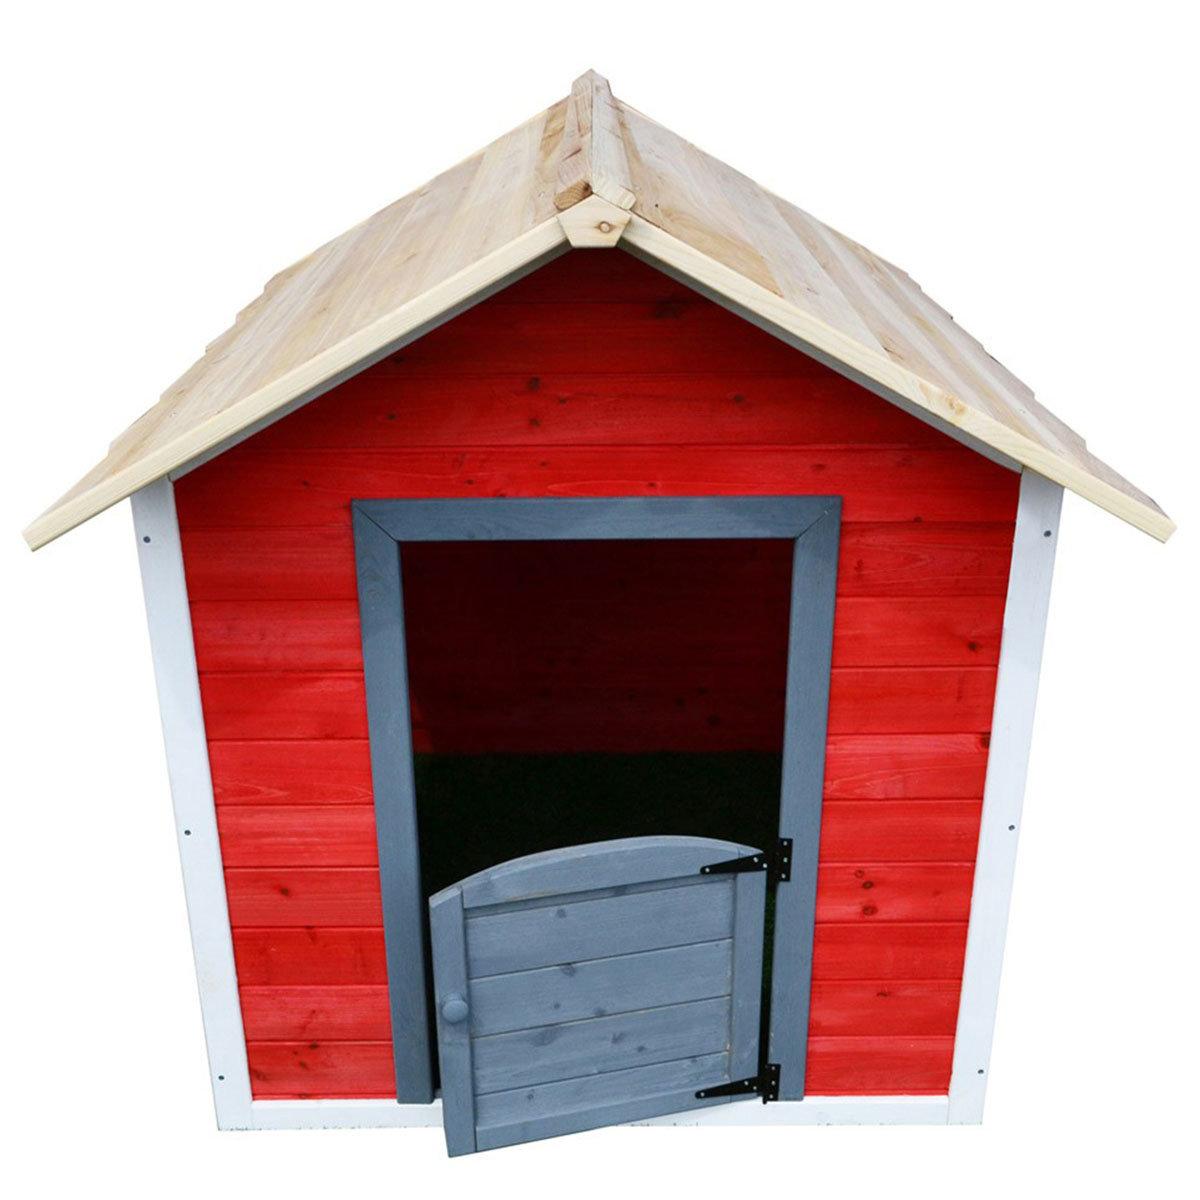 Kinder Spielhaus kleines Schloss, rot und weiß lasiert, ca. 138 x 118 x 132,5 cm | #7